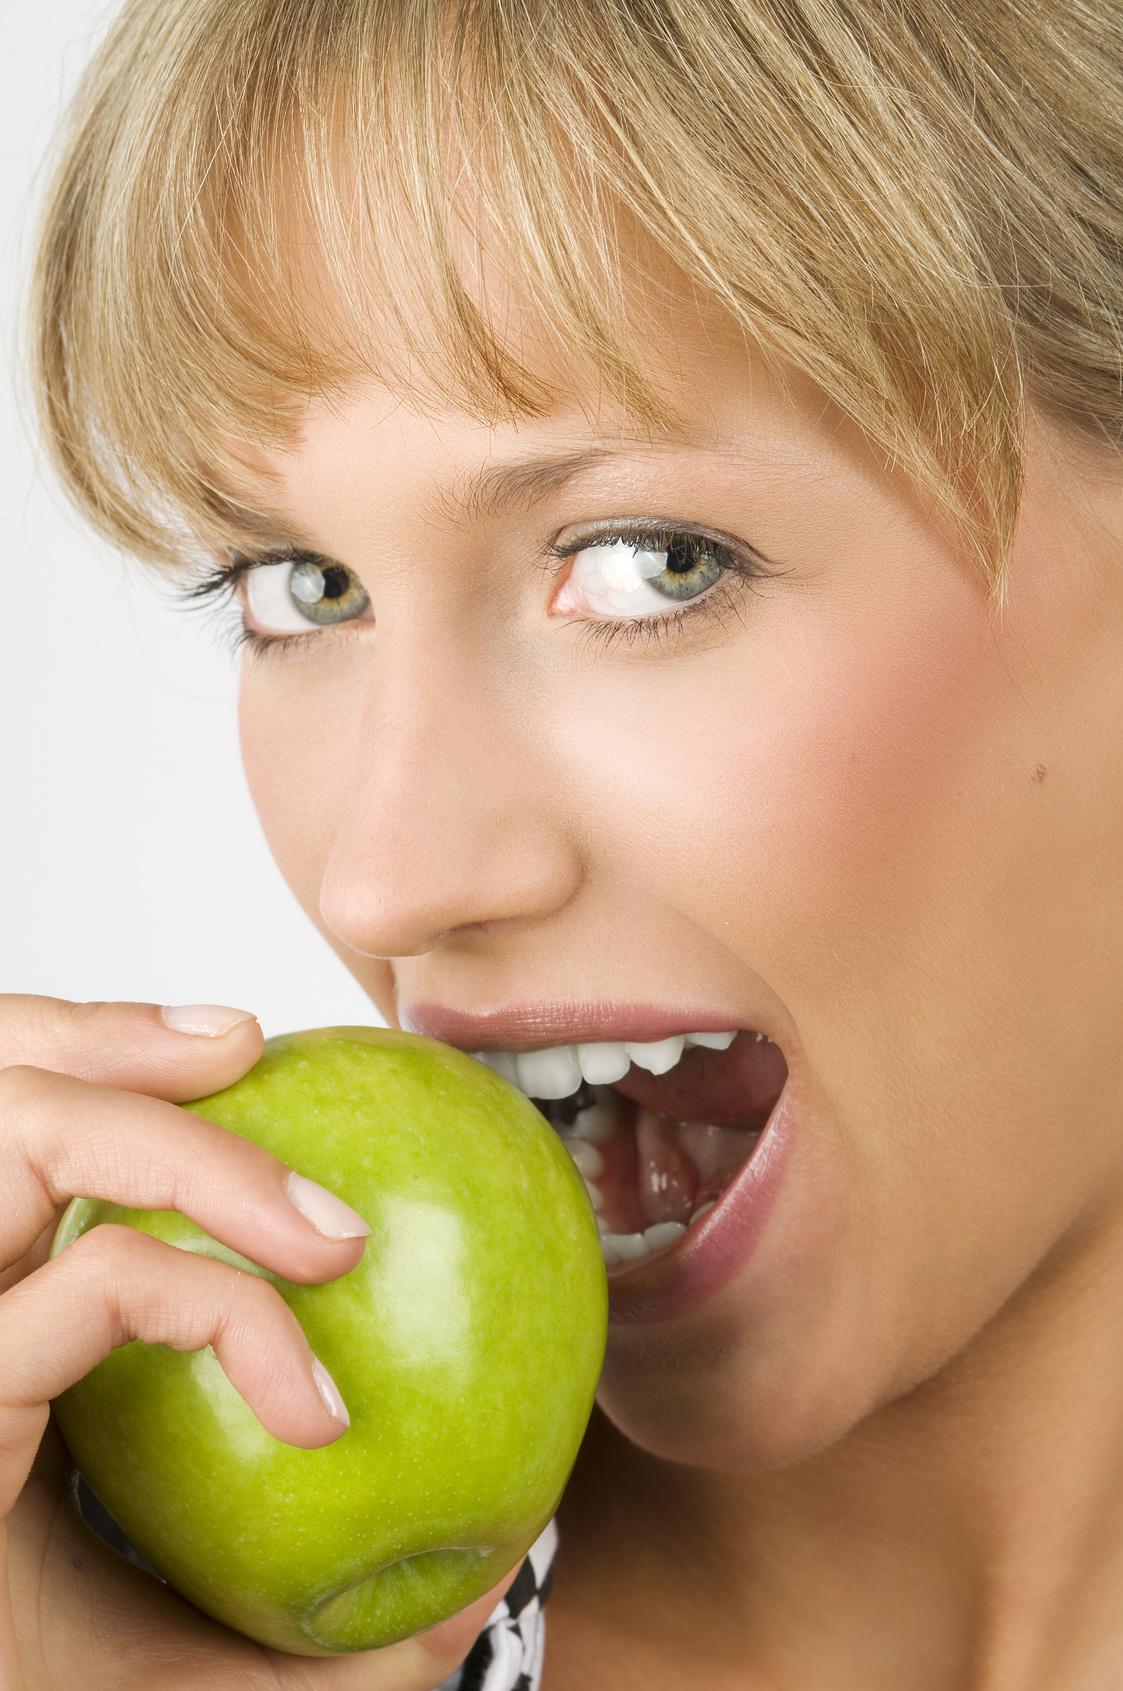 Frau beißt in Apfel